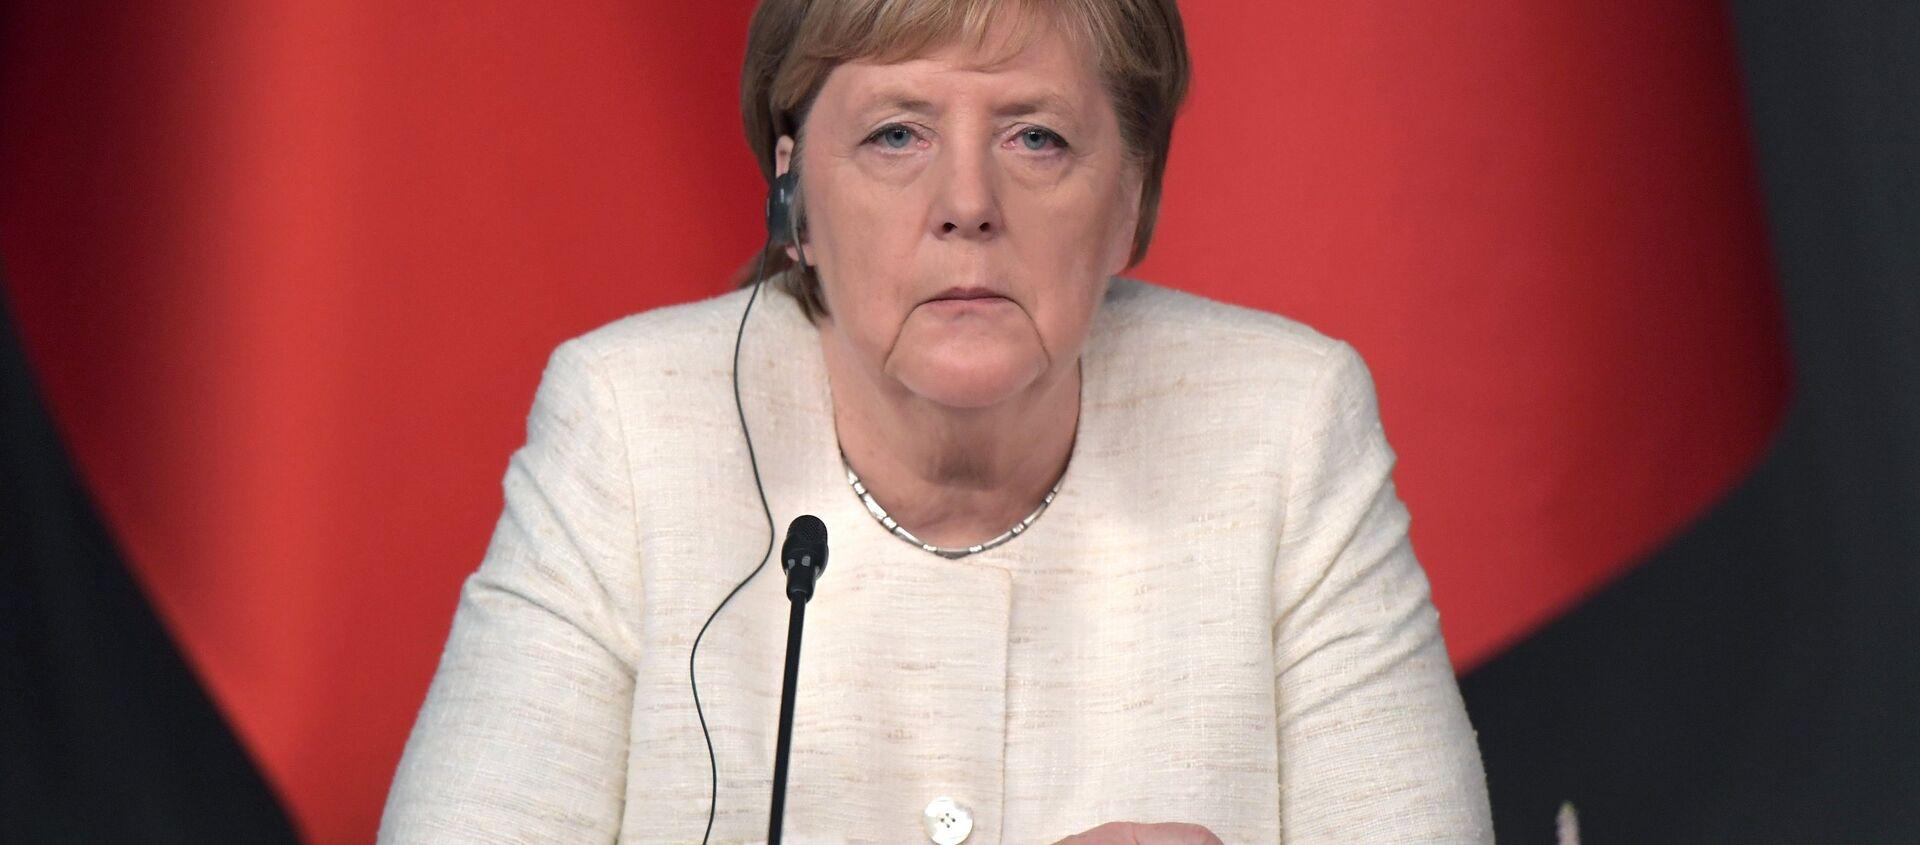 Angela Merkel durante la sua visita in Turchia - Sputnik Italia, 1920, 30.06.2019